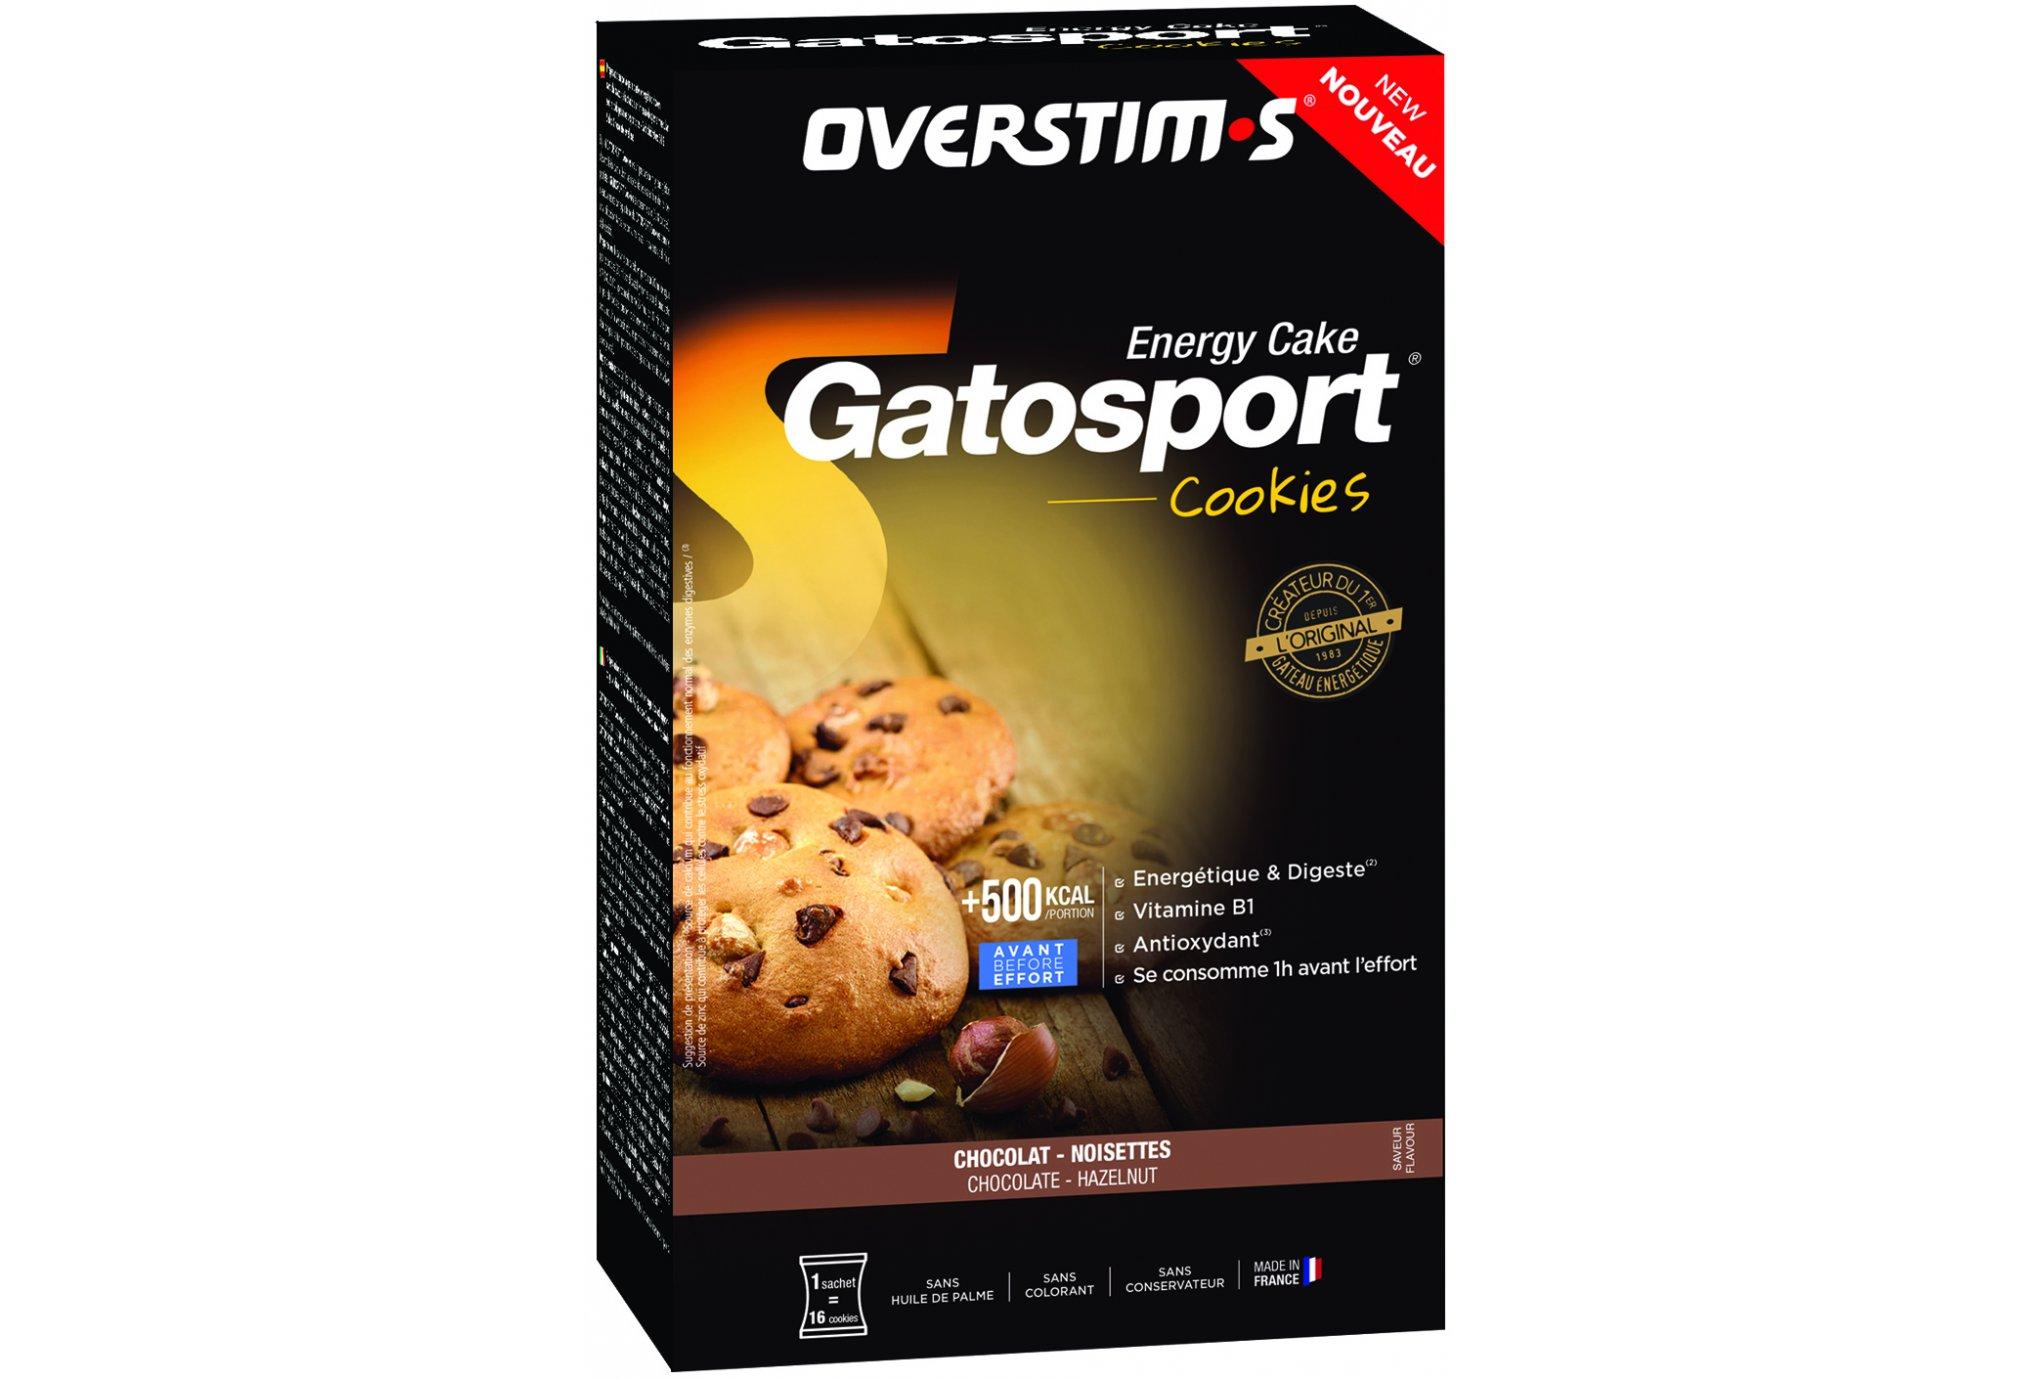 OVERSTIMS Gatosport Cookies - Chocolat/noisettes Diététique Préparation